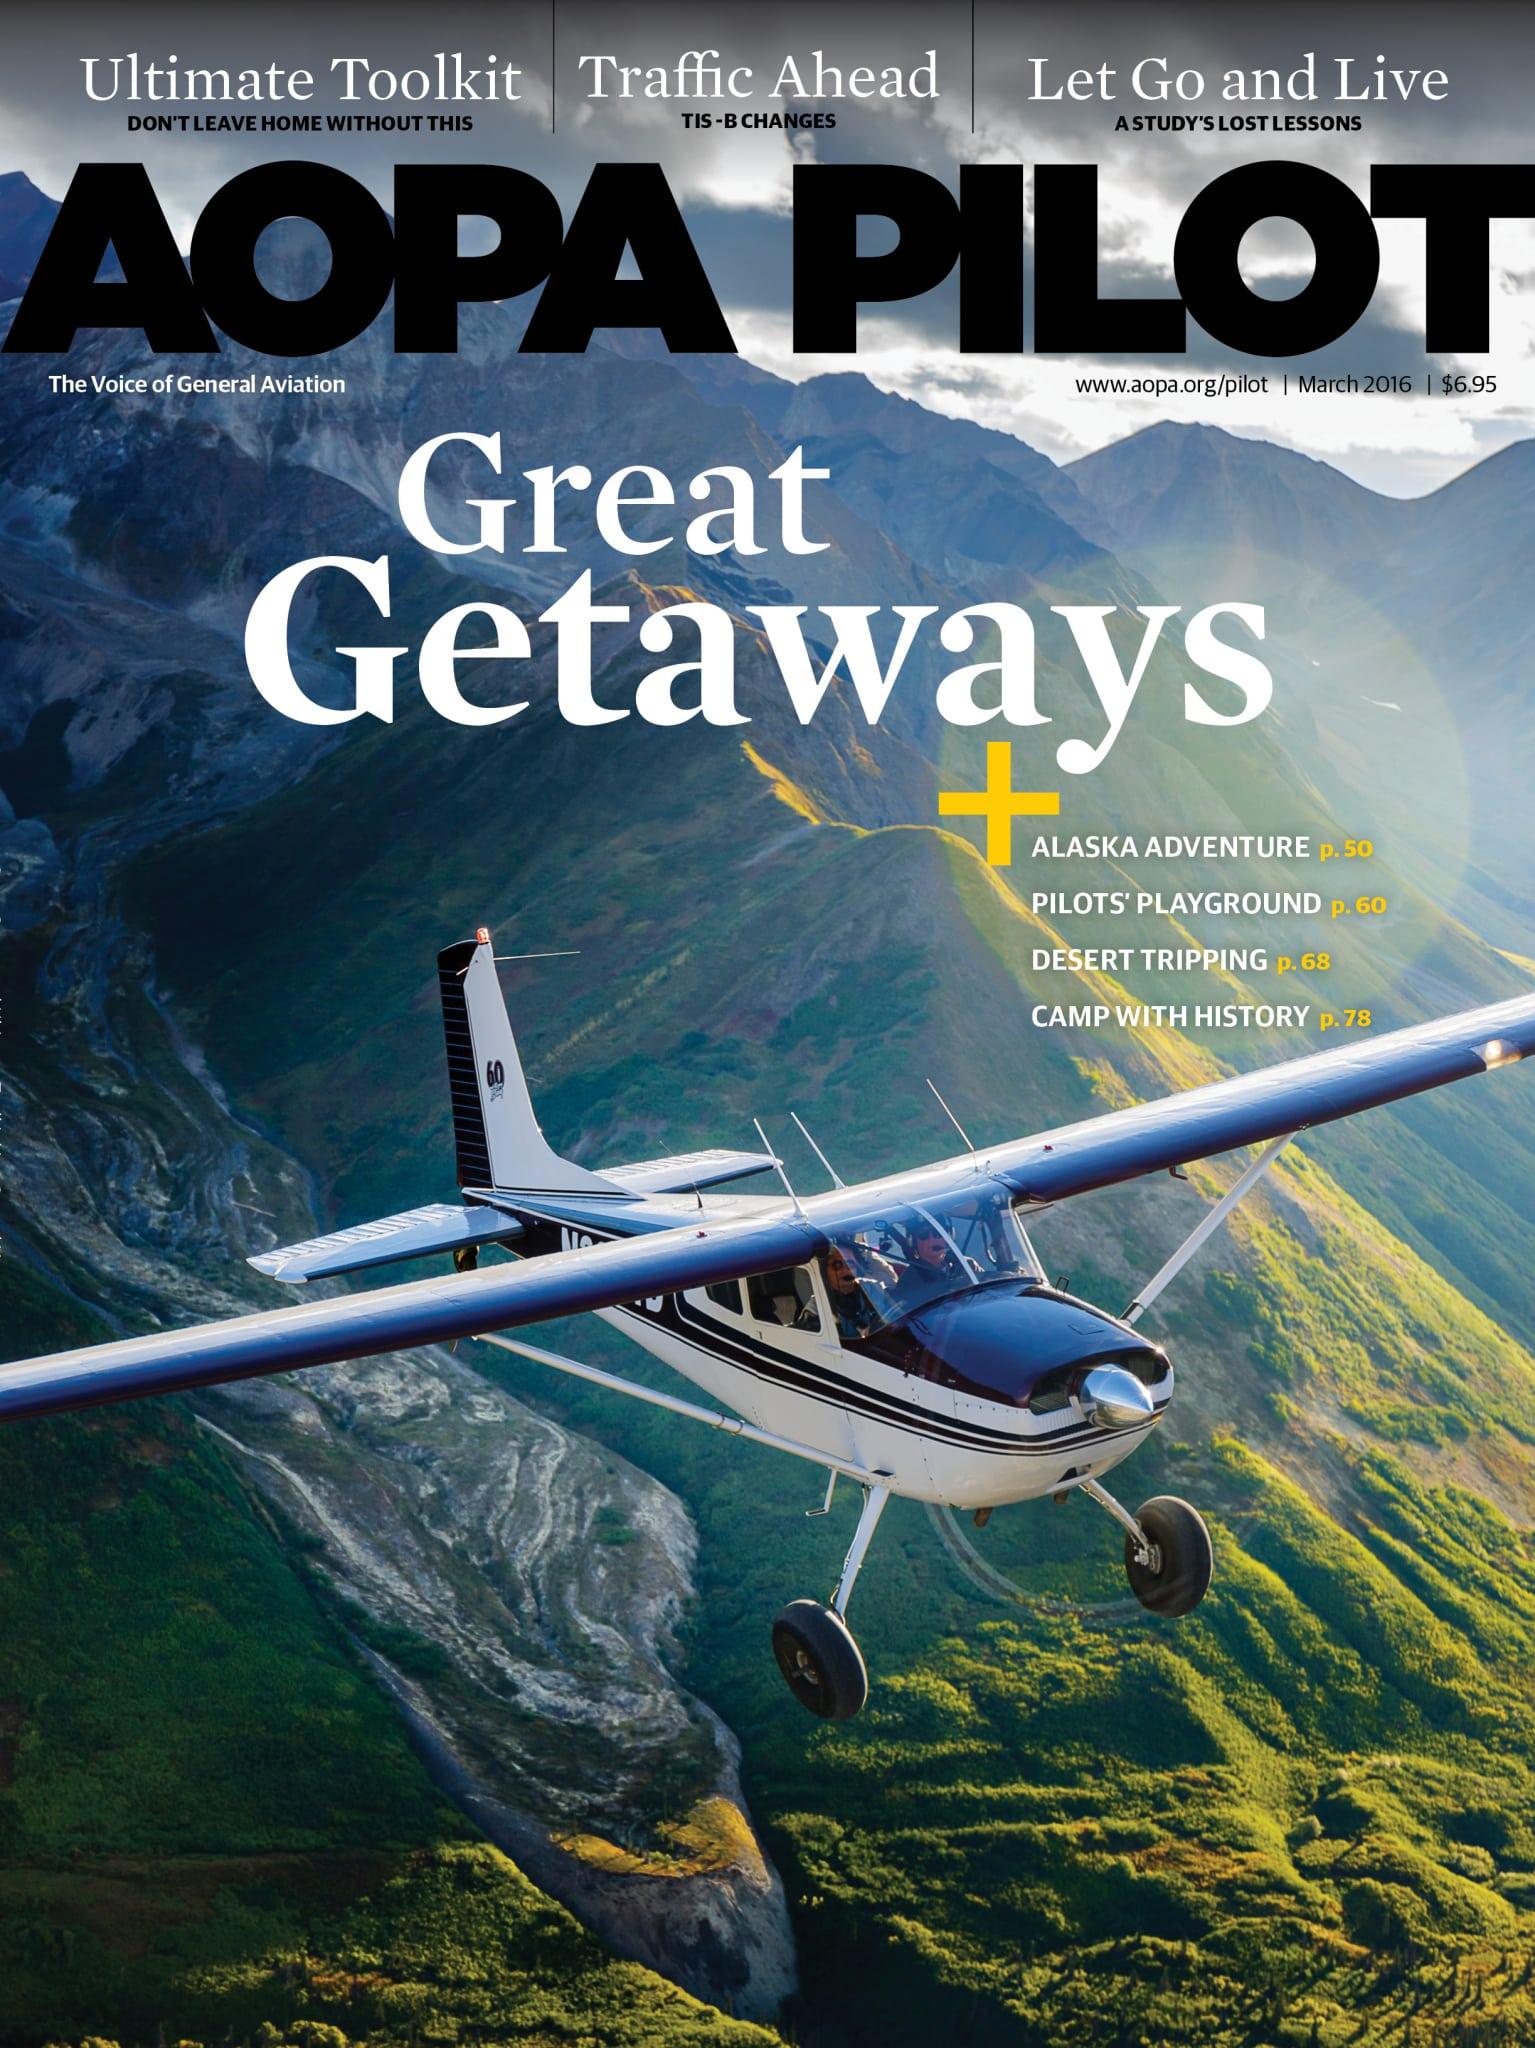 AOPA PILOT_ASNP_Overall Design